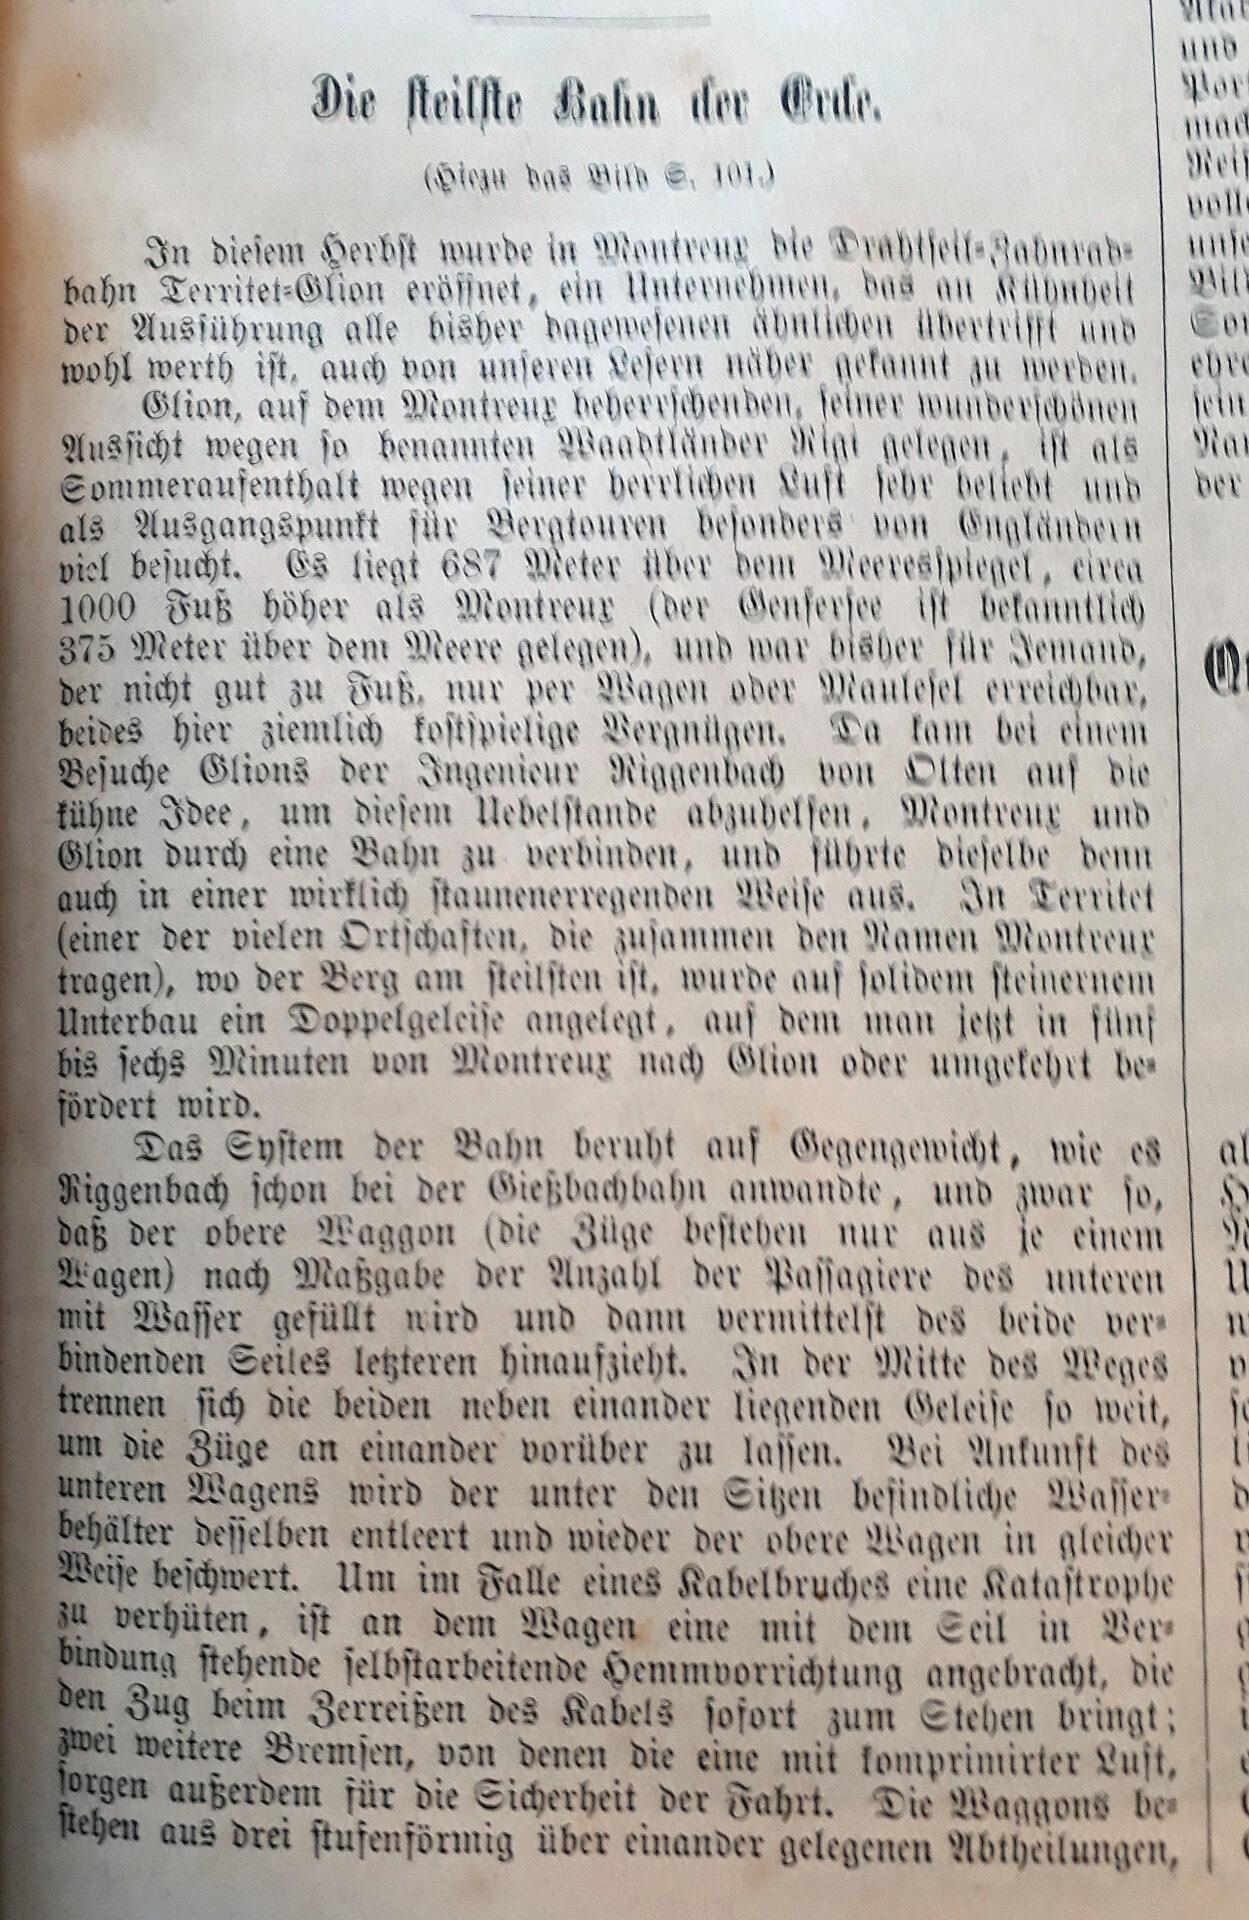 """Artikel """"Allgemeine Illustrierte Zeitung» von 1883/1884 über """"steilste Bahn der Erde"""""""